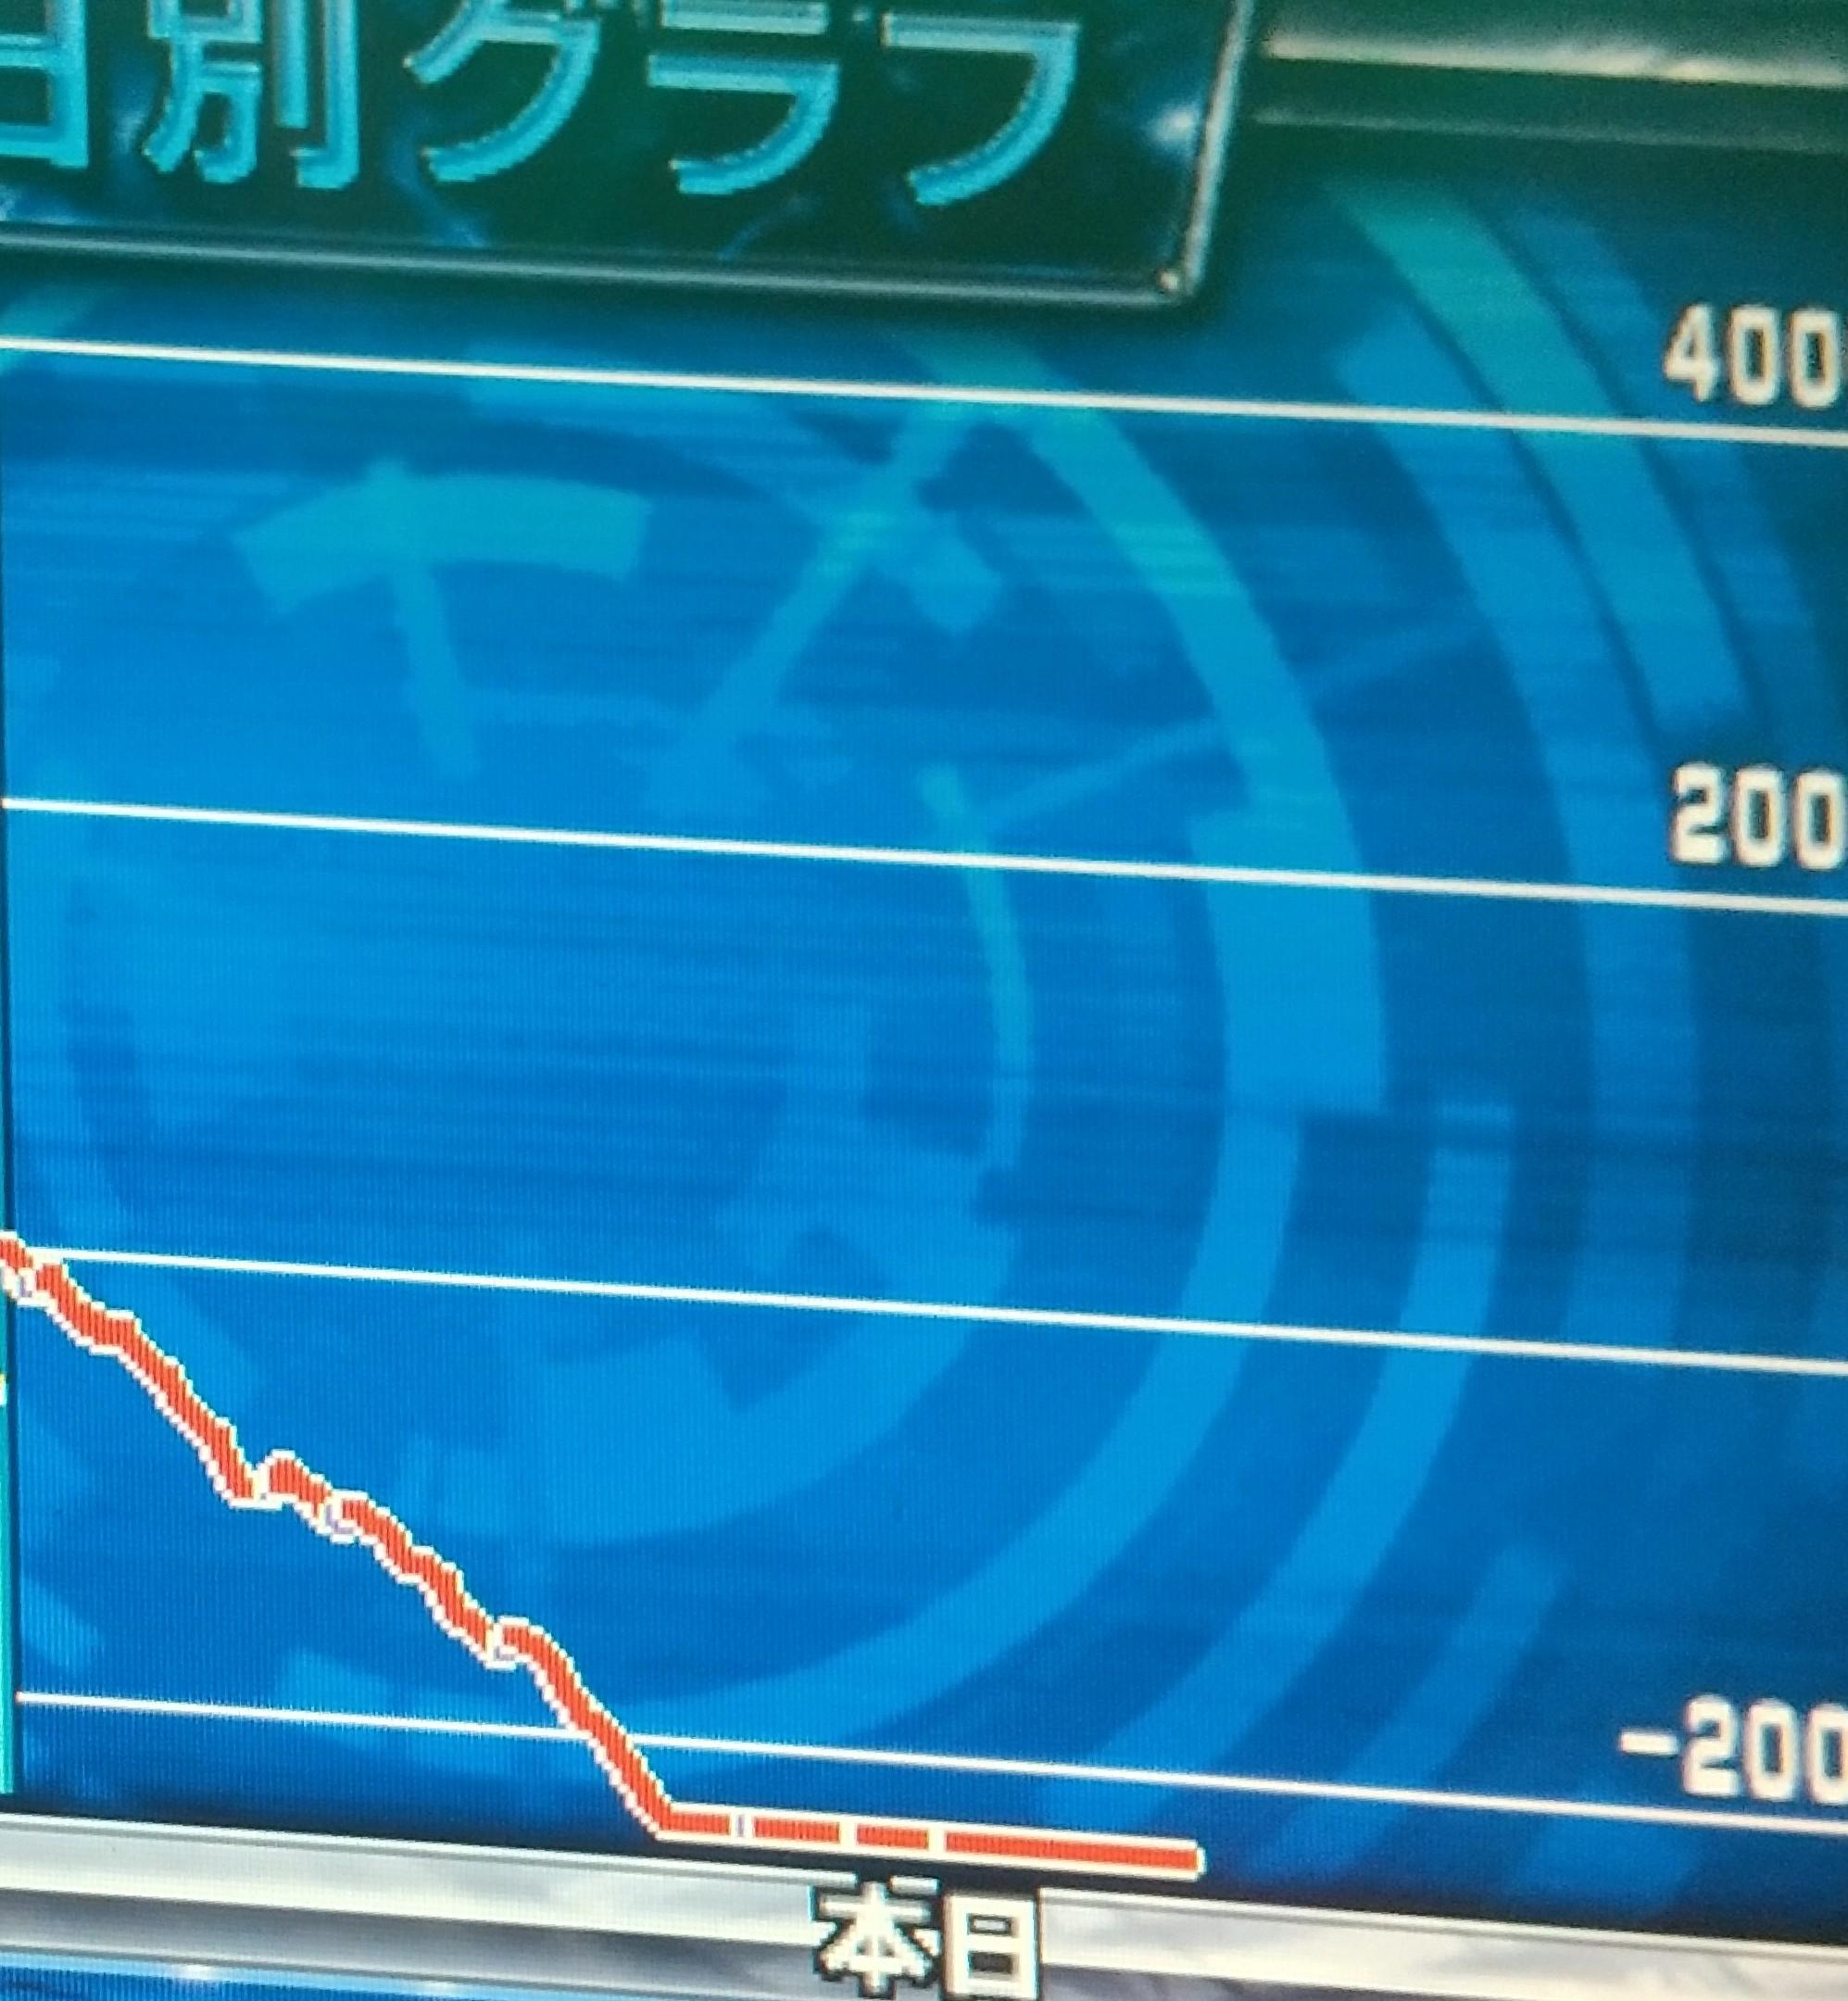 聖闘士星矢海皇覚醒のリセットでGBレベル3、GBレベル4を確認しても最近は恐怖を感じる(笑)